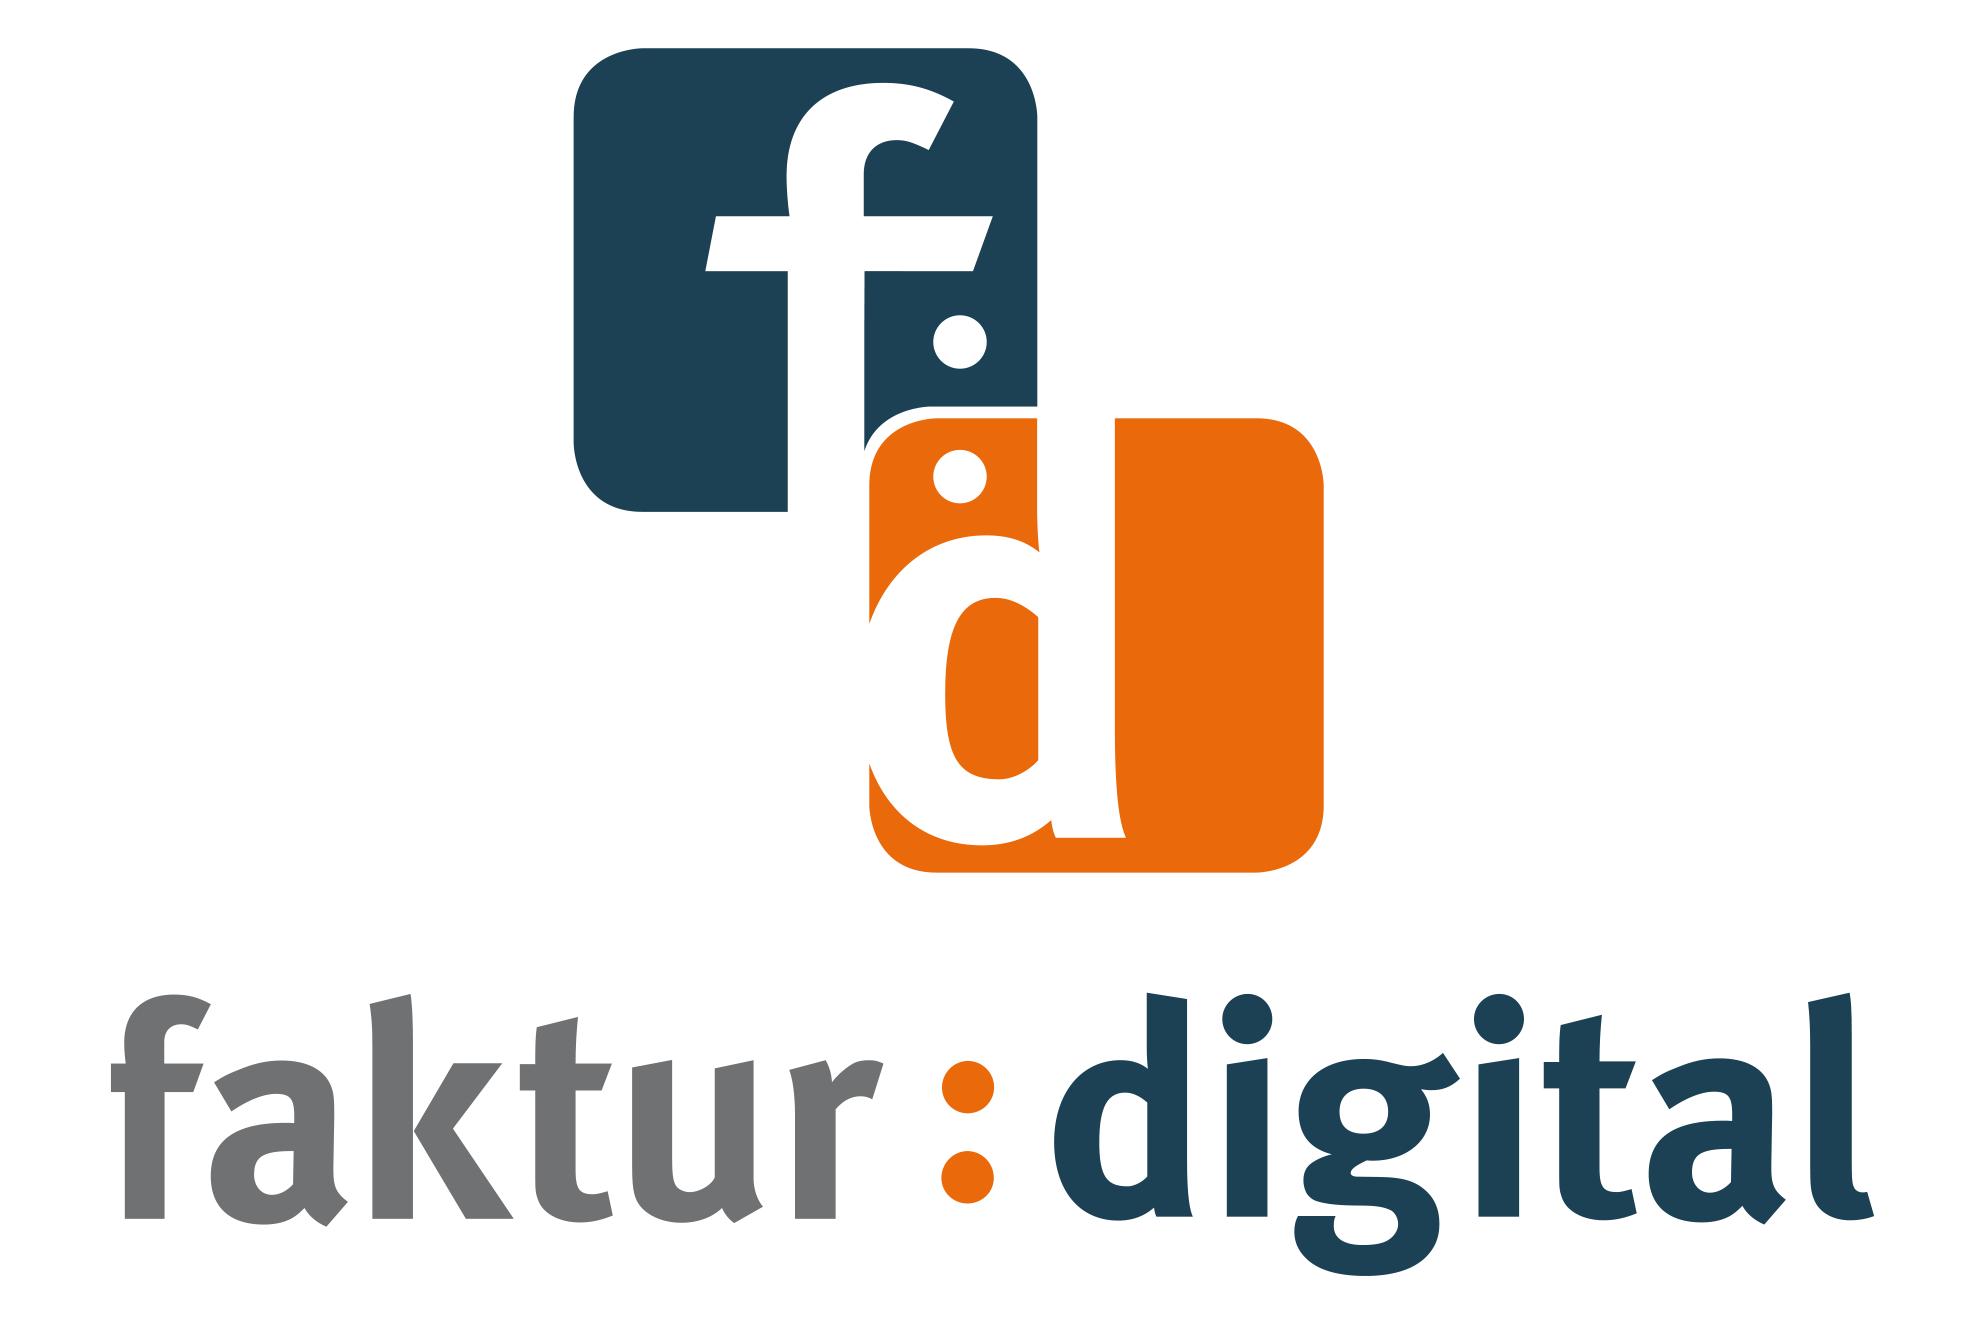 faktur: digital